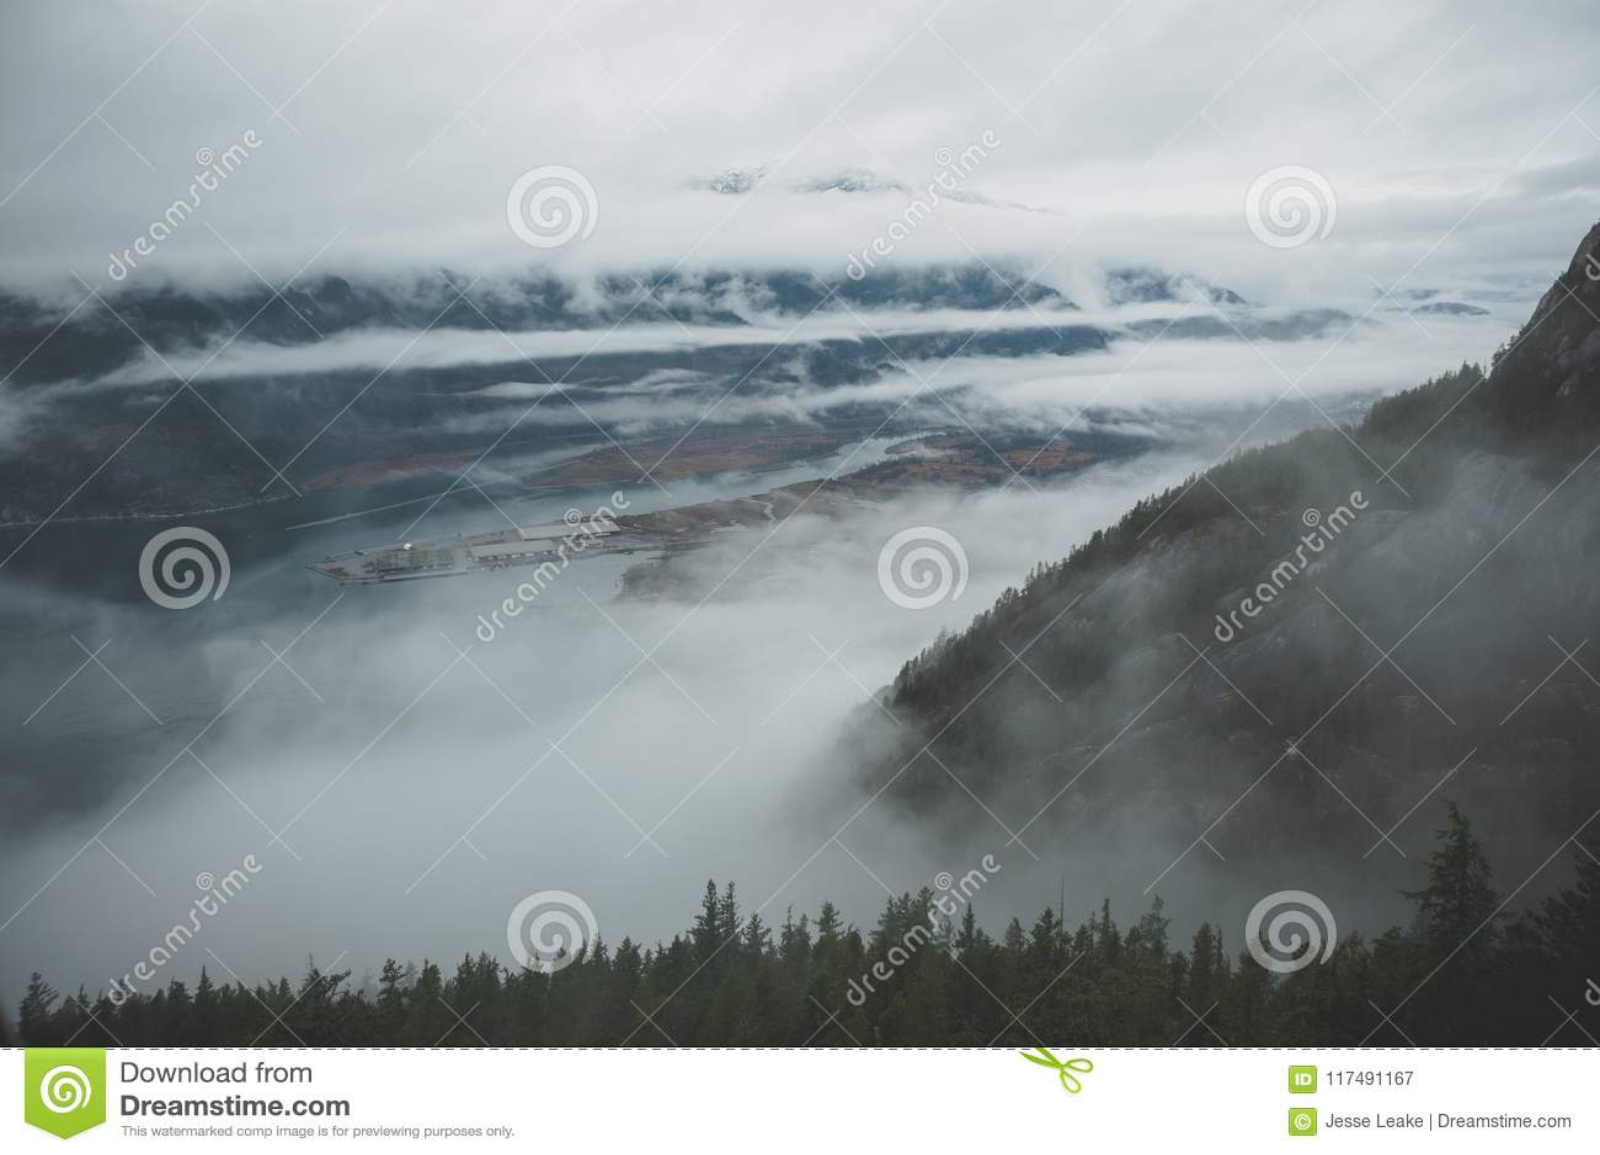 Zwischen Schichten Wolken, erscheint Howe Sound vom Hoch oben